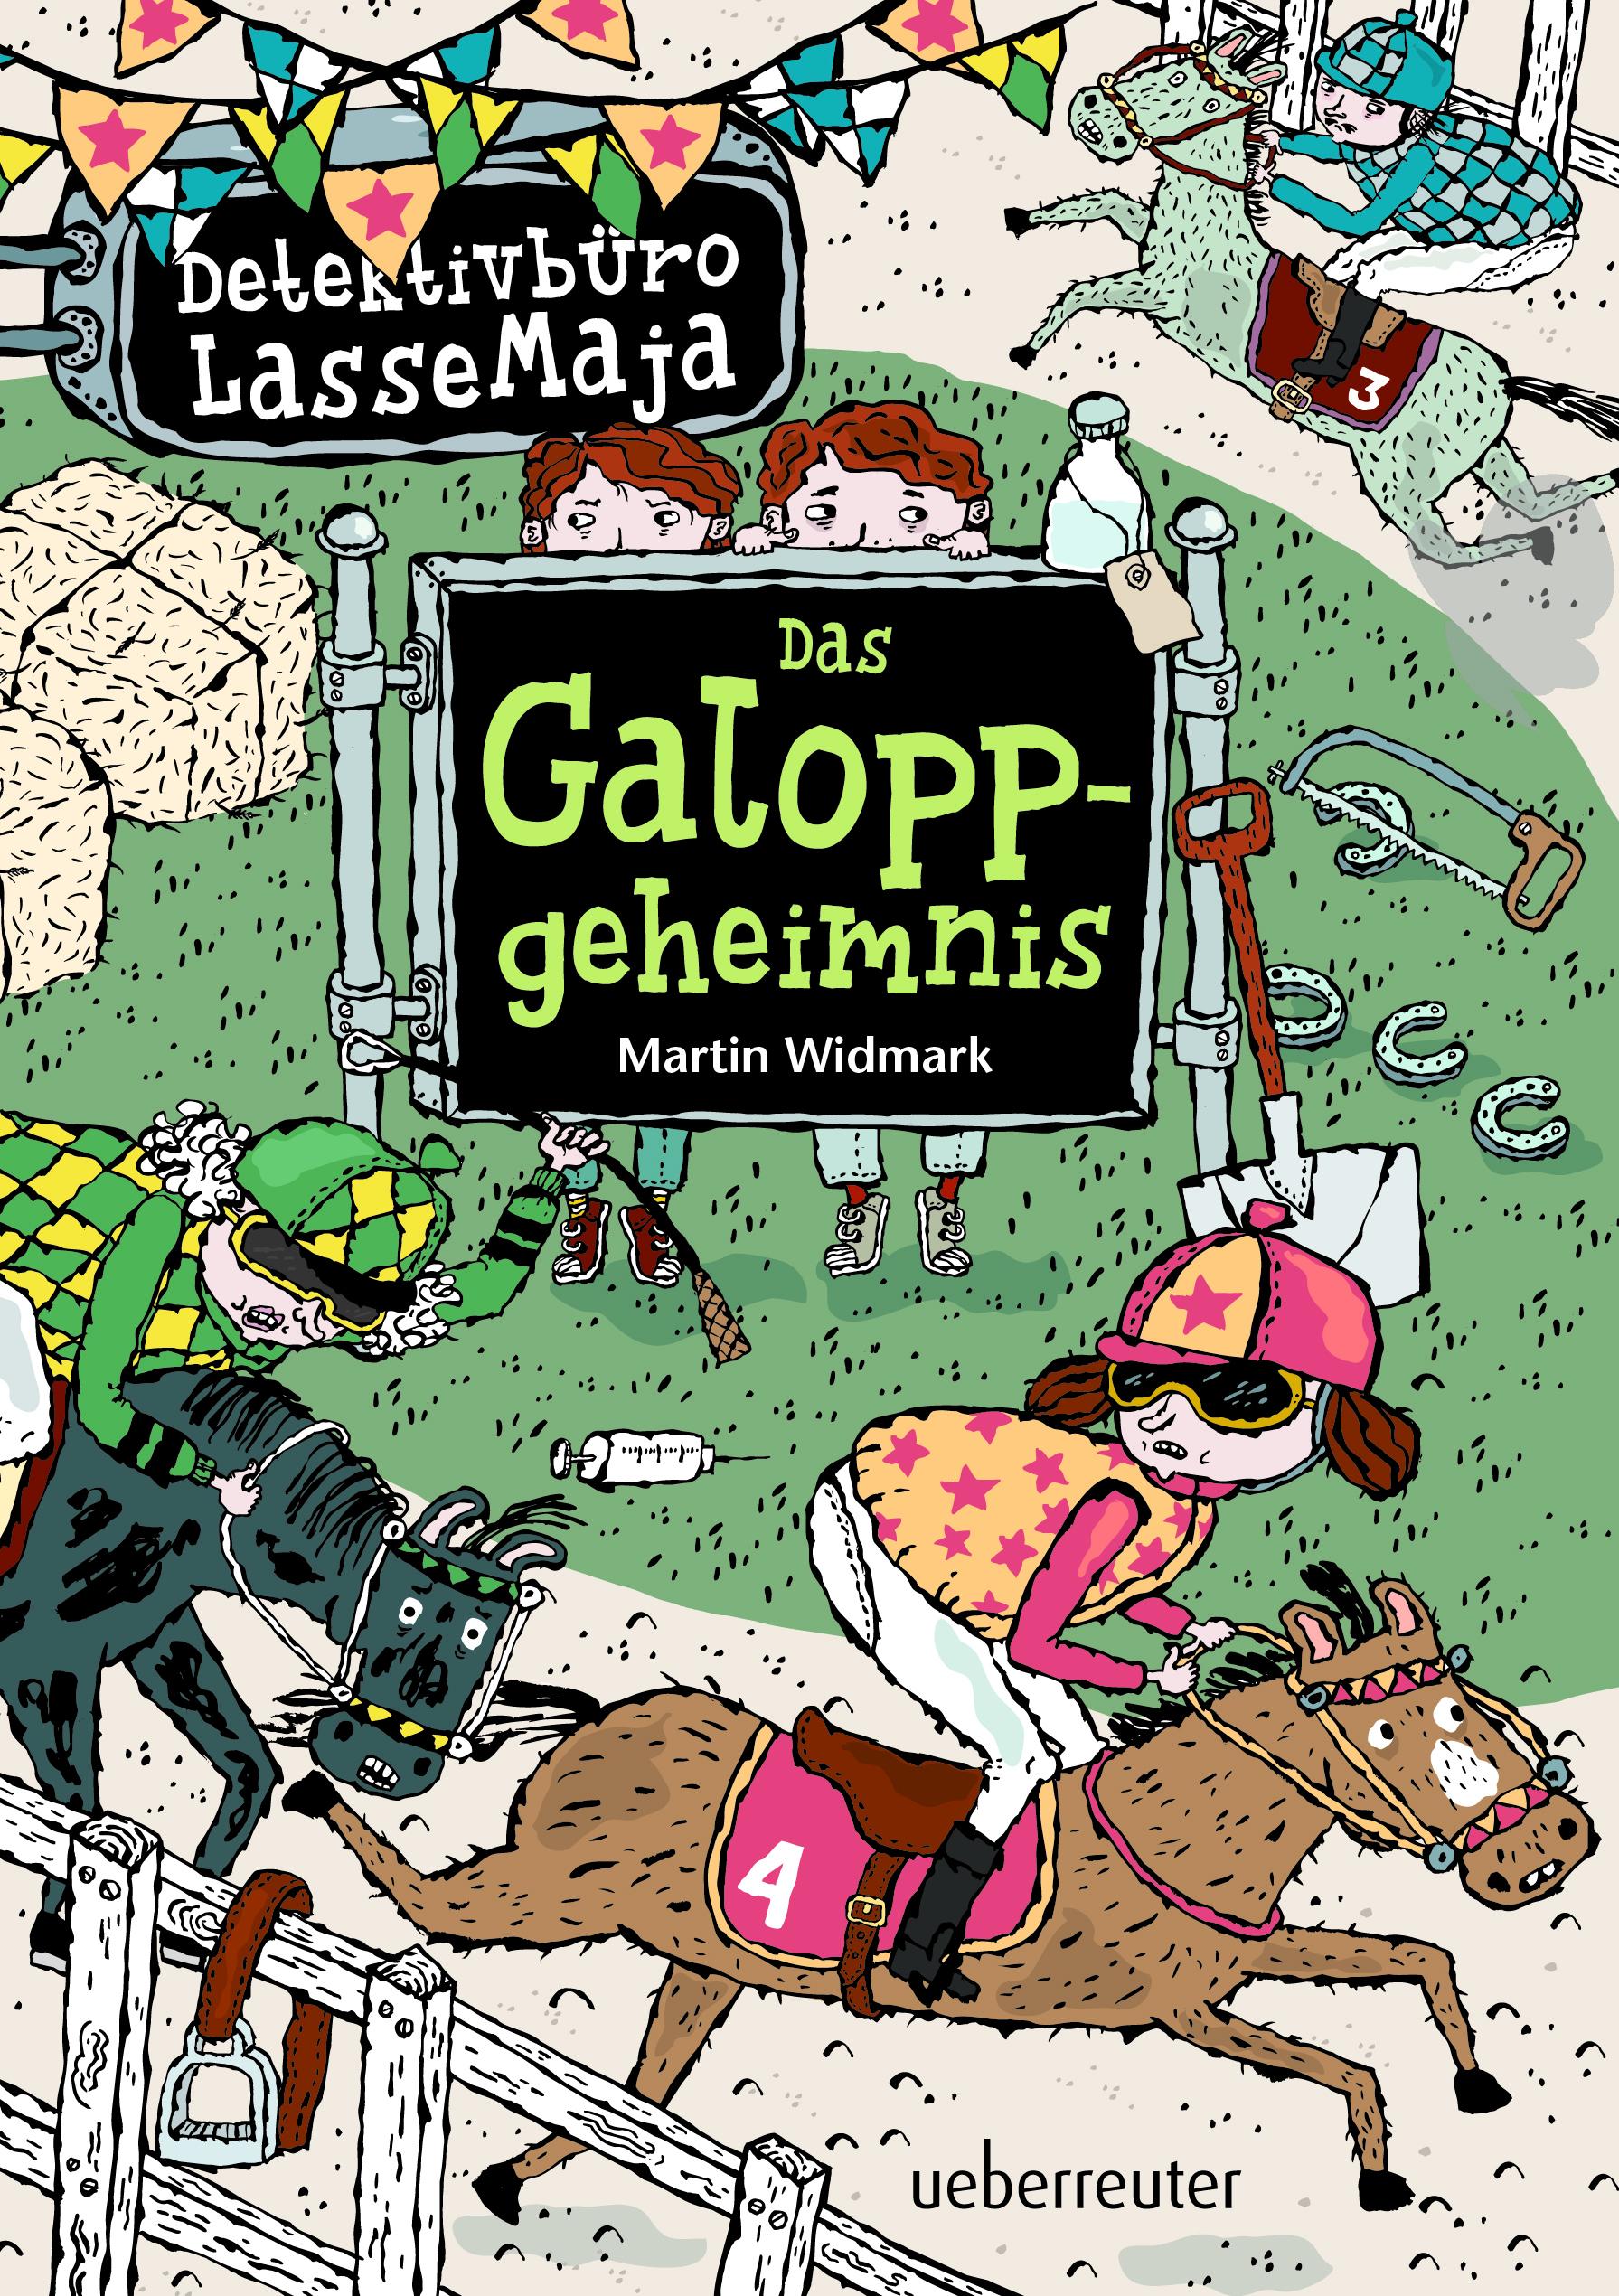 Detektivbüro LasseMaja – Das Galoppgeheimnis